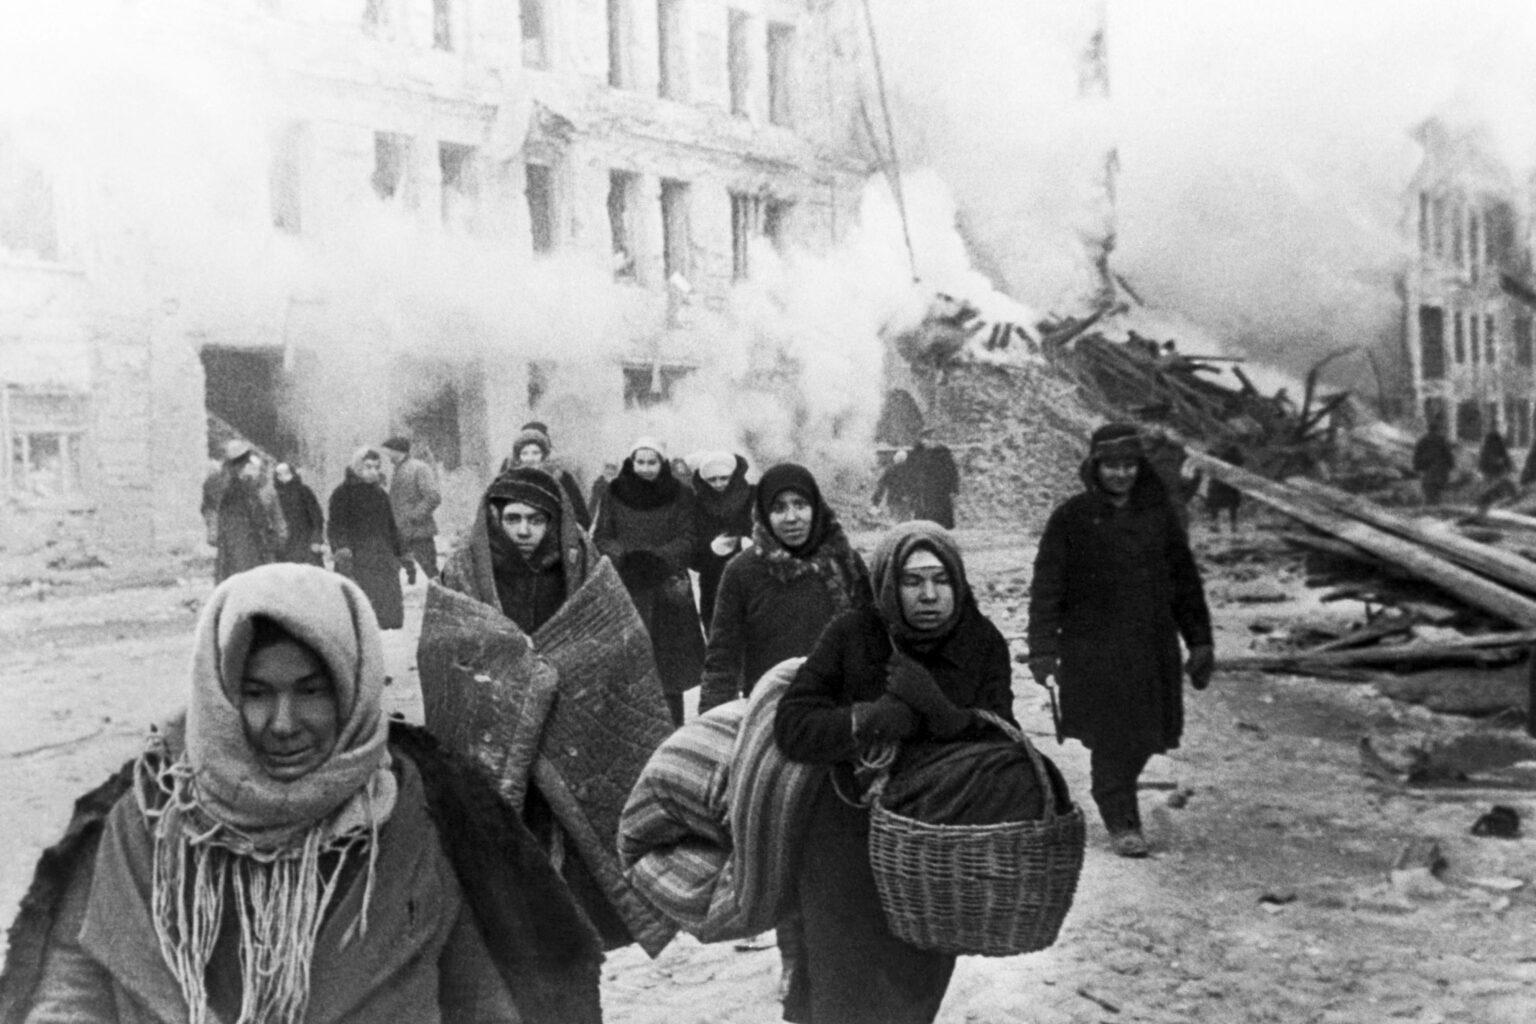 Президент Германии напомнил о жертвах народов бывшего СССР в войне